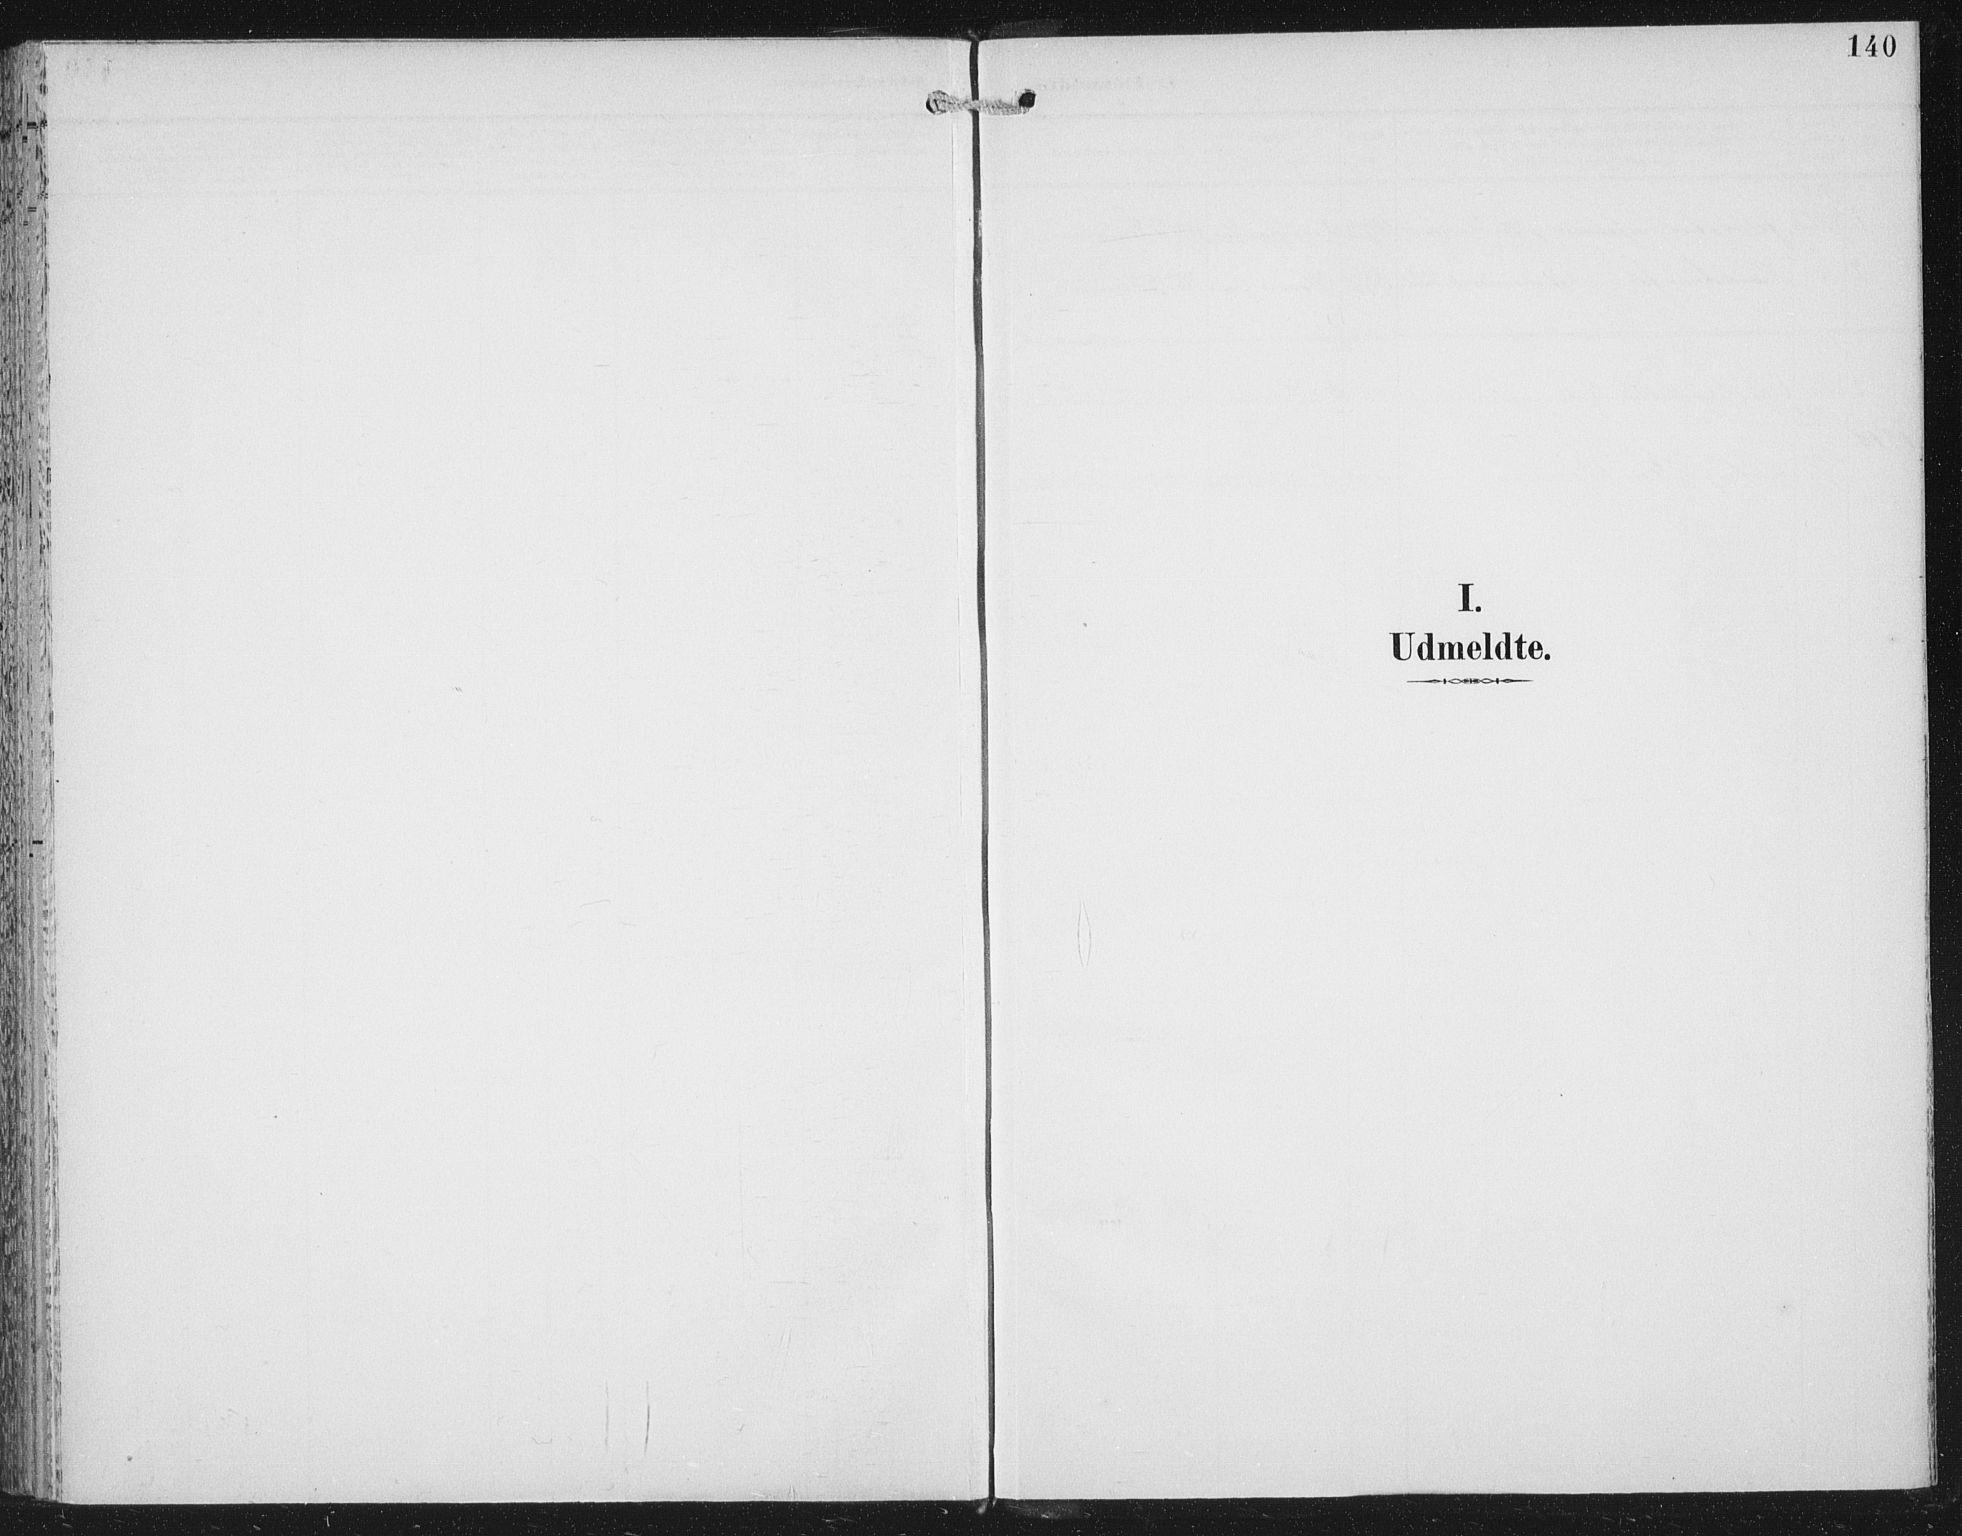 SAT, Ministerialprotokoller, klokkerbøker og fødselsregistre - Nord-Trøndelag, 702/L0024: Parish register (official) no. 702A02, 1898-1914, p. 140